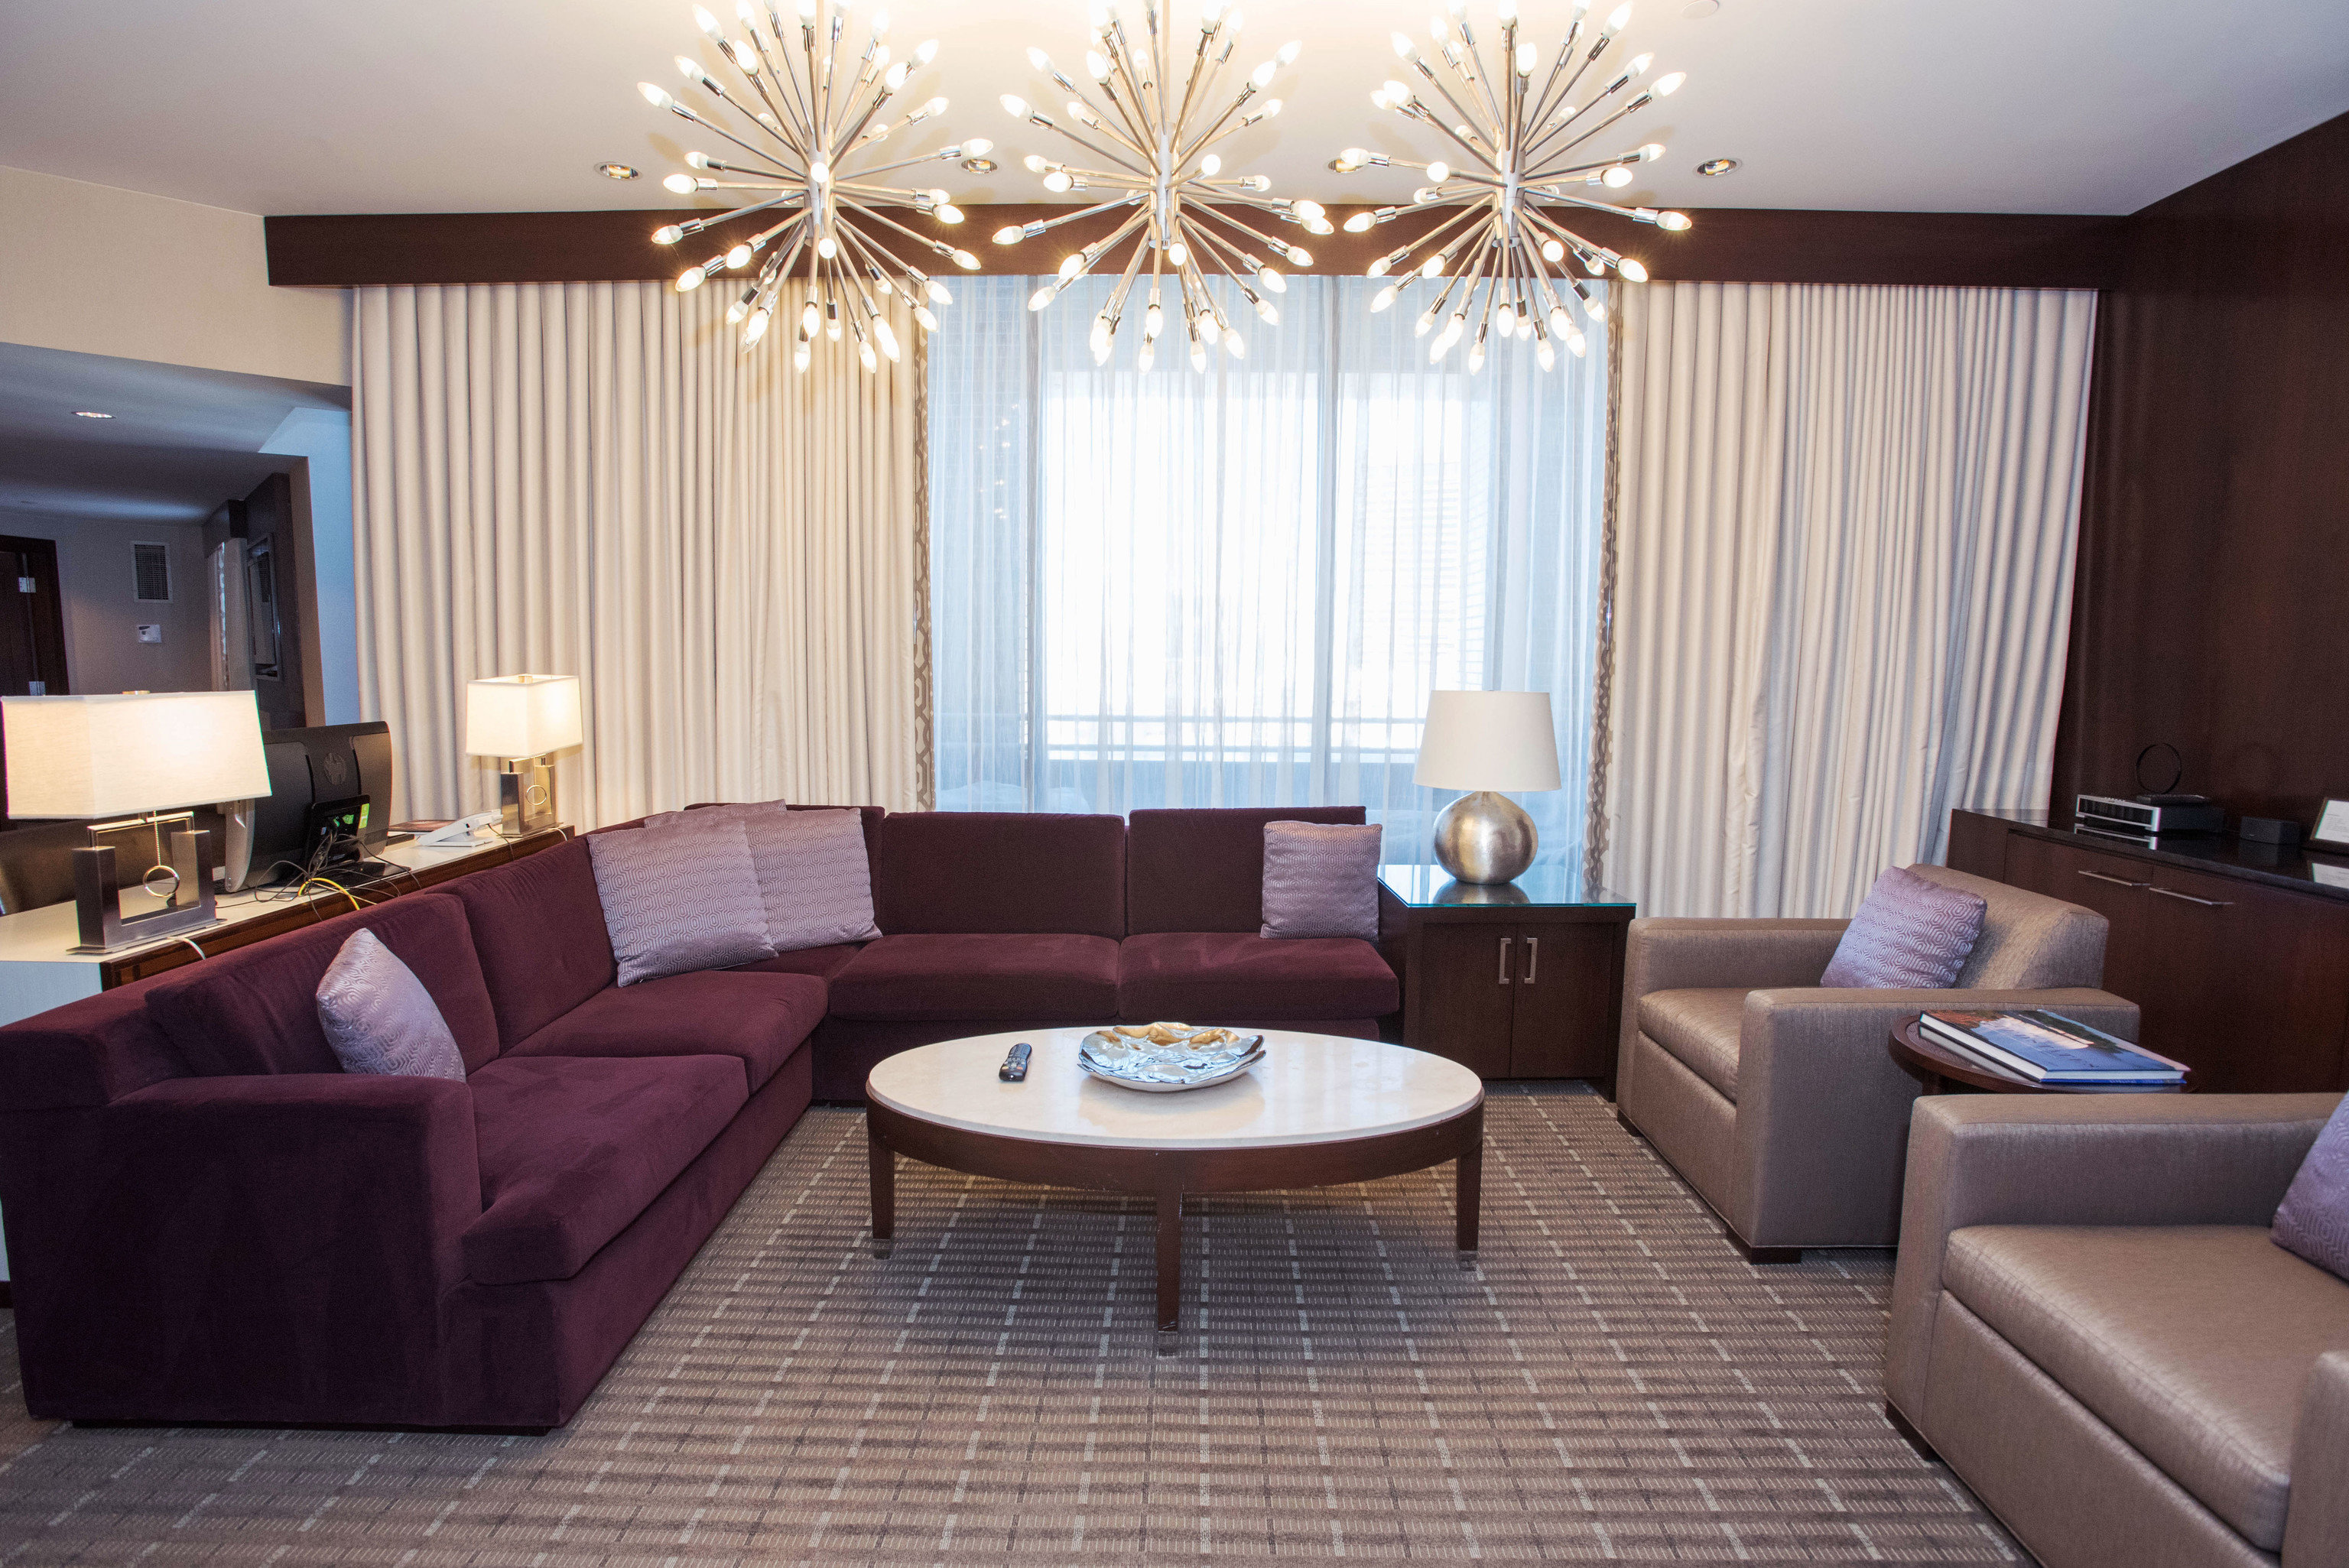 sofa living room property Suite condominium home flat